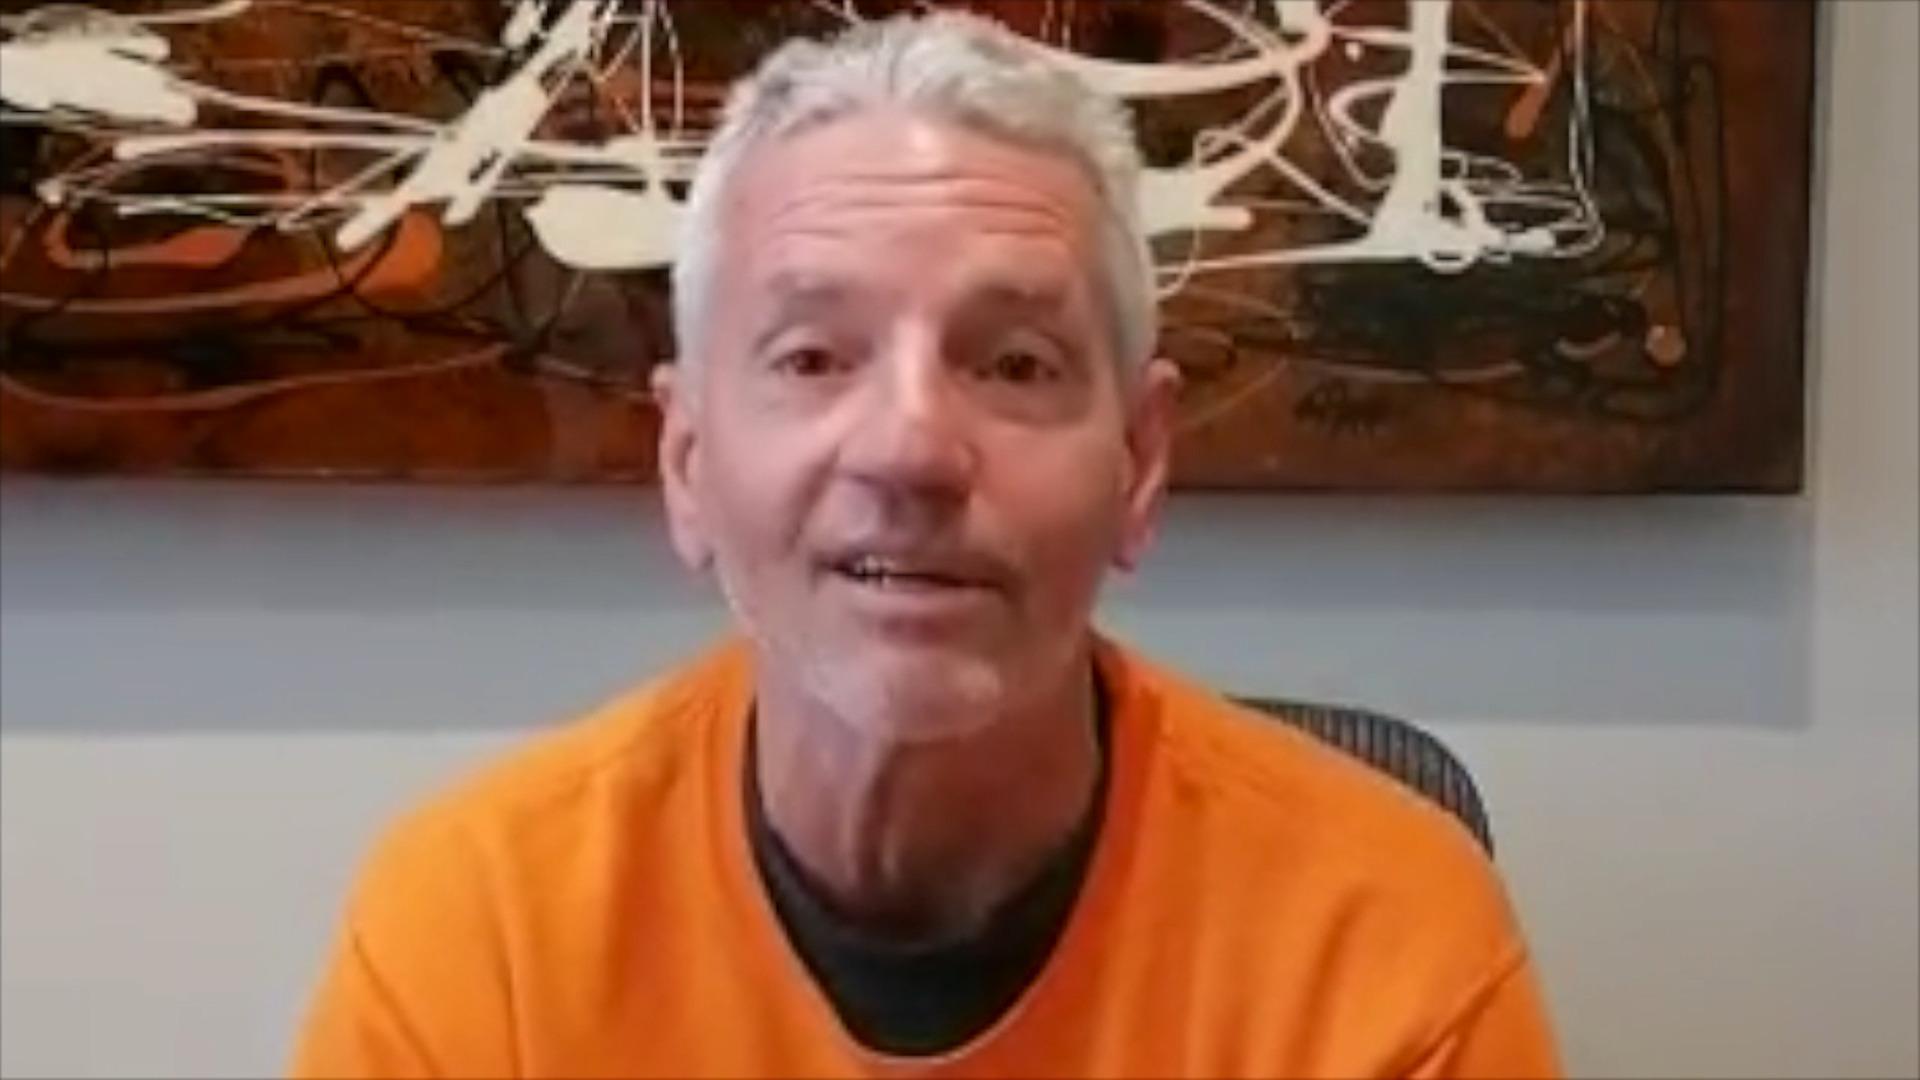 Viajar a Costa Rica a ver a su dentista, como lo hizo Glen Bullborg